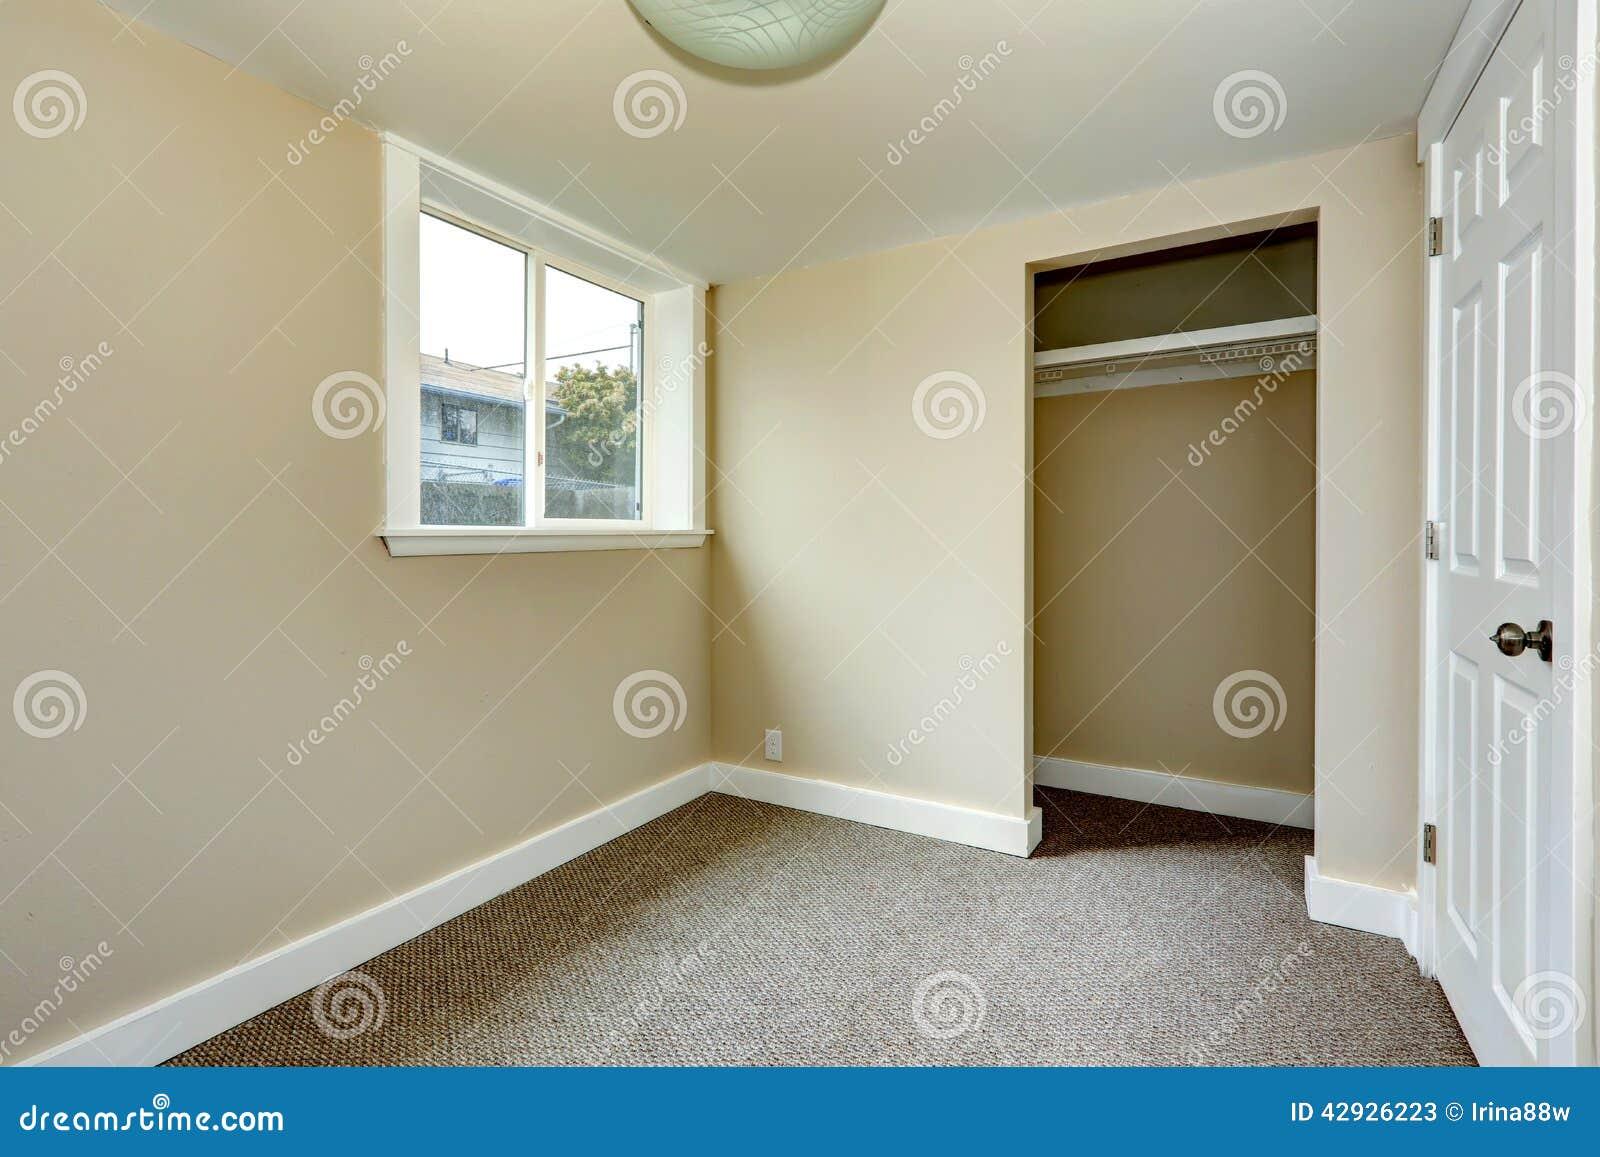 Empty Room With Closet